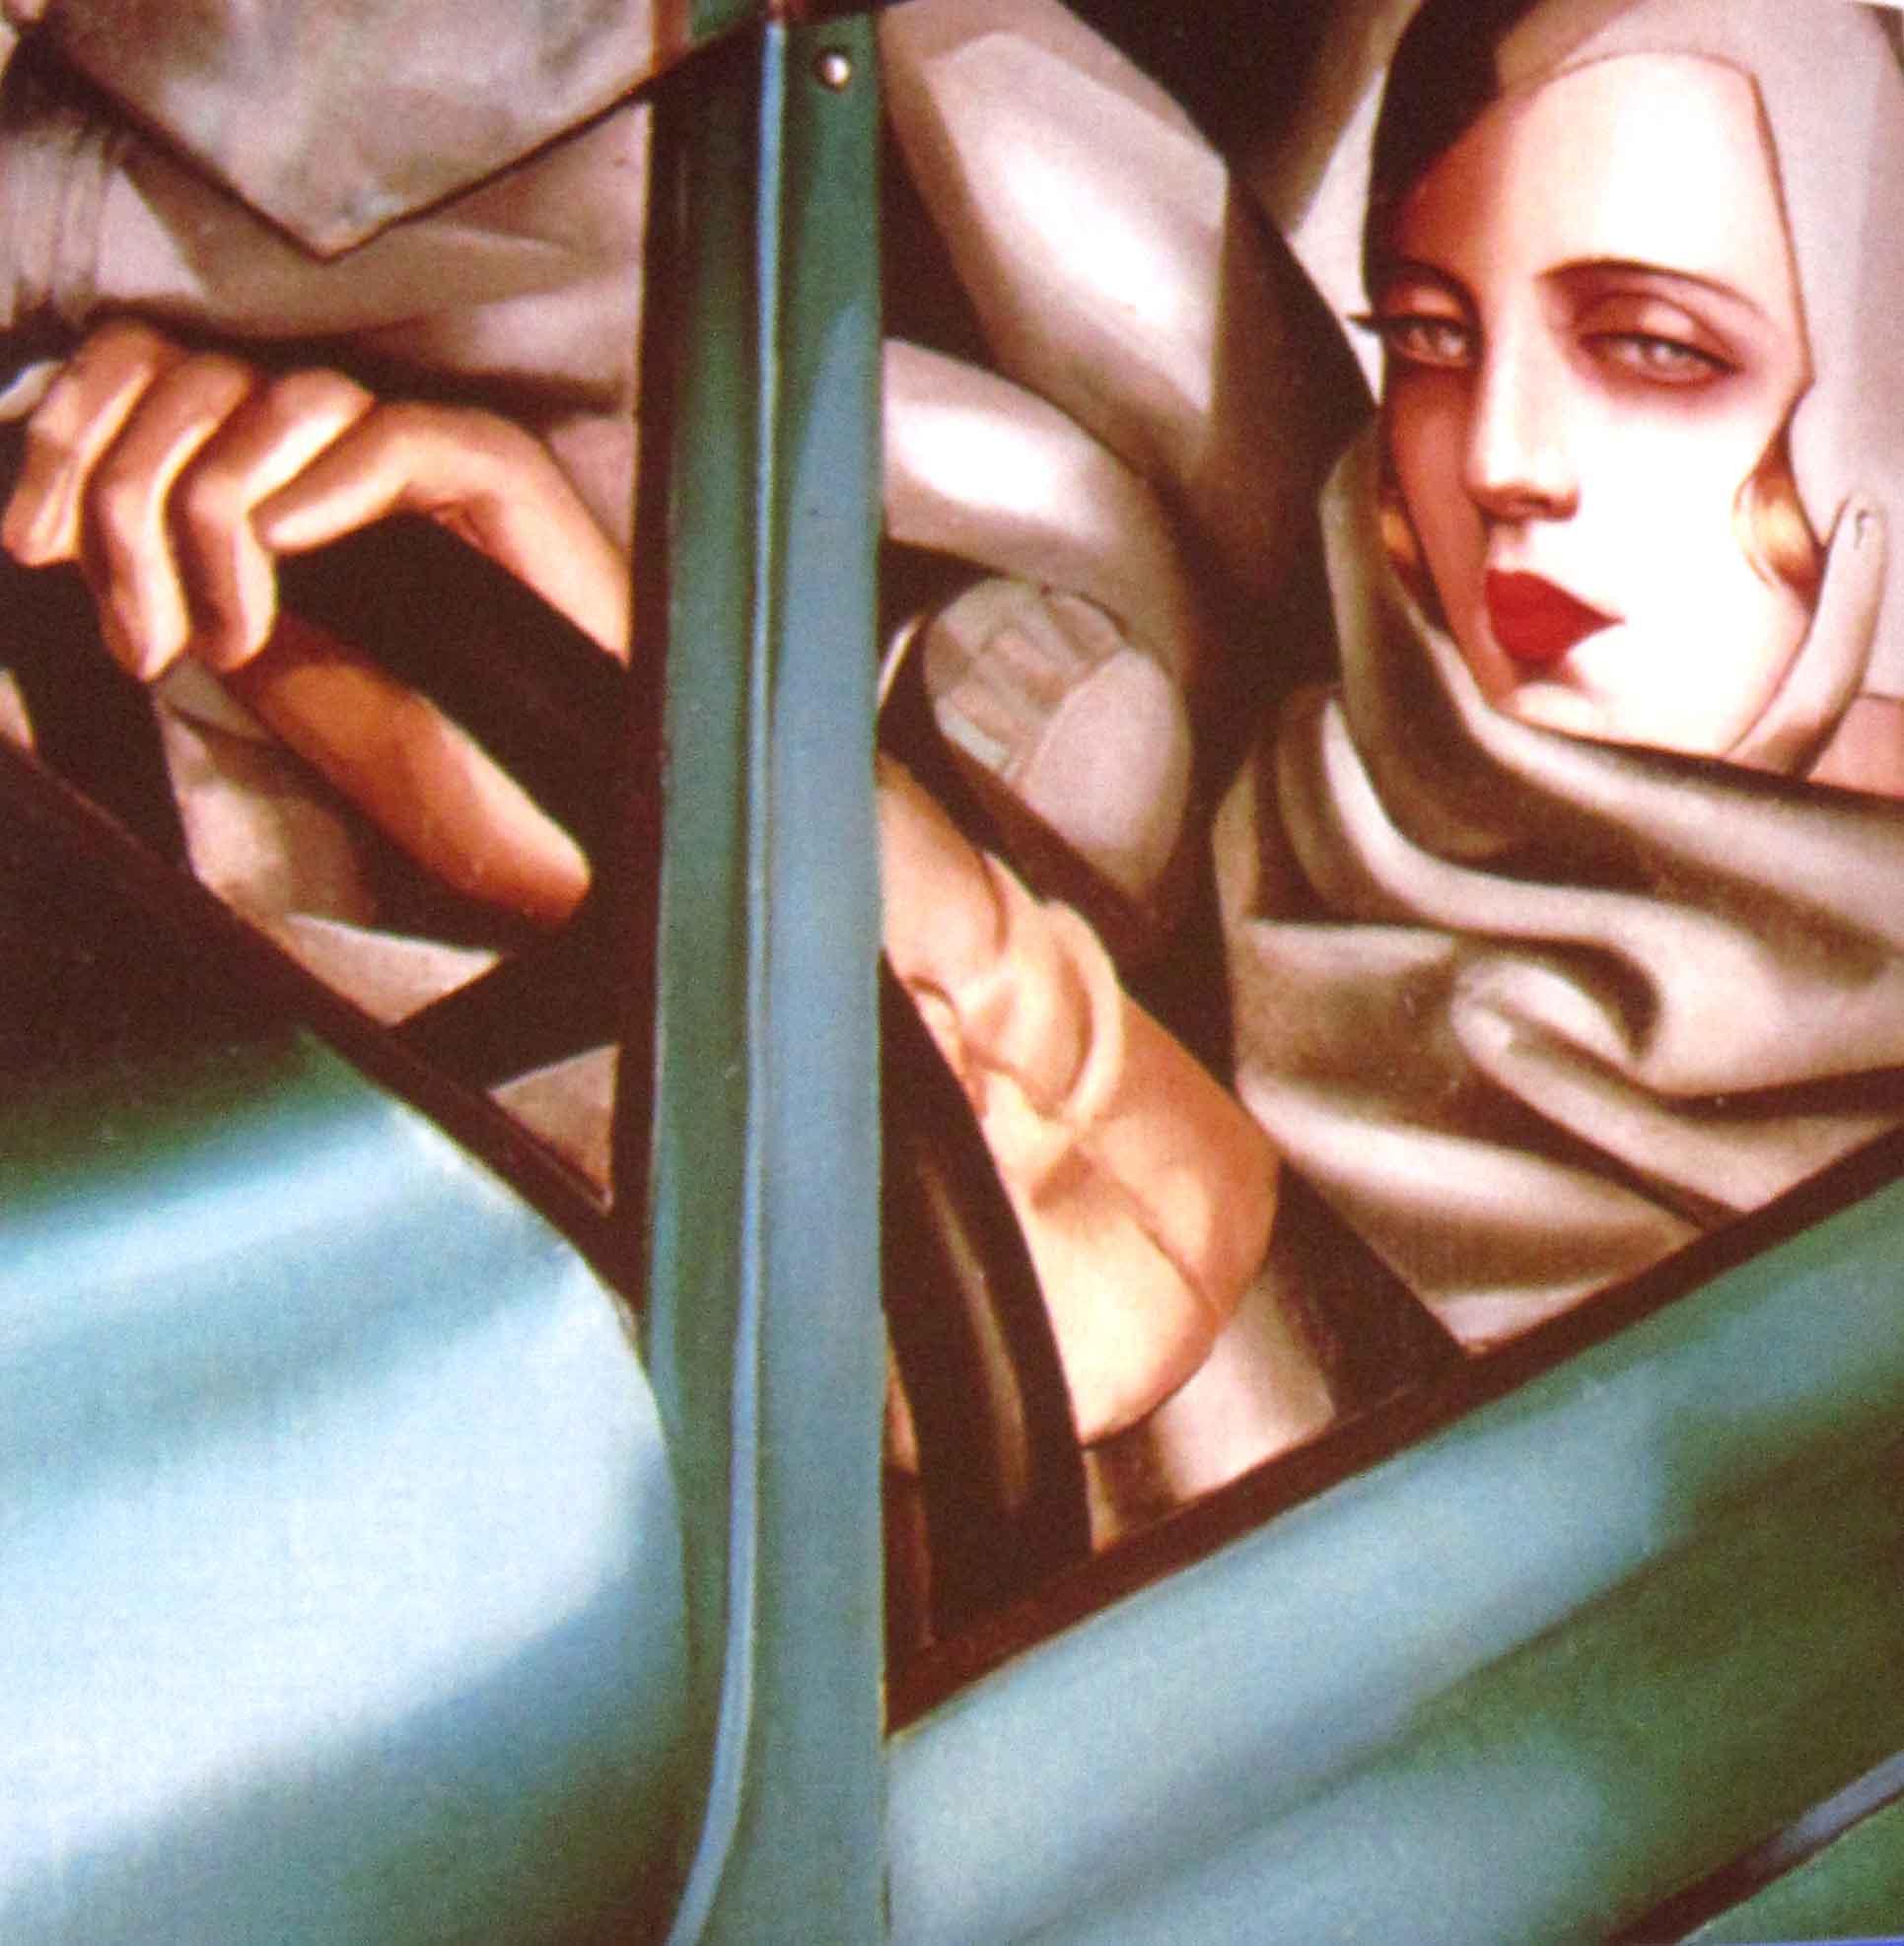 Tamara de Lempicka, reina del Art Decó (1898 -1980). Exposición y Conferencia de Adriana Zapisek